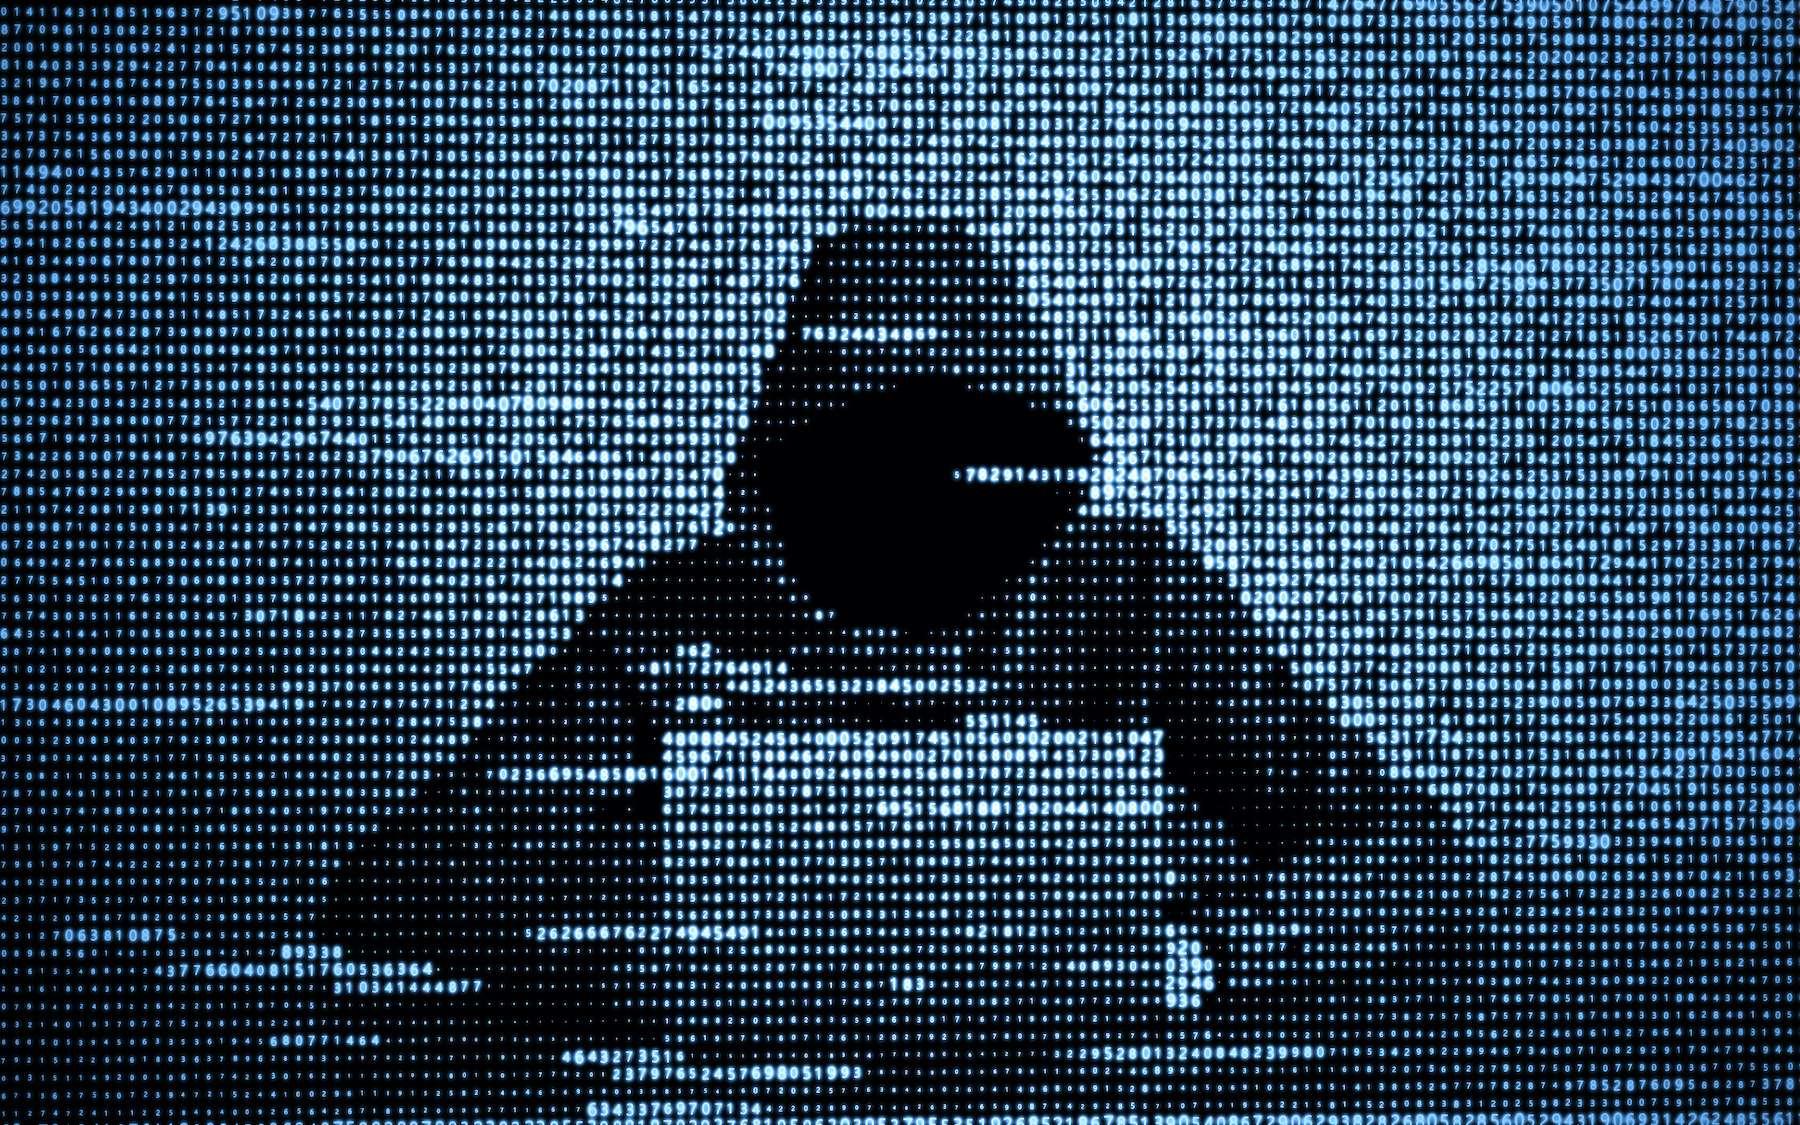 3,2 milliards d'identifiants de messagerie compilés et postés en ligne